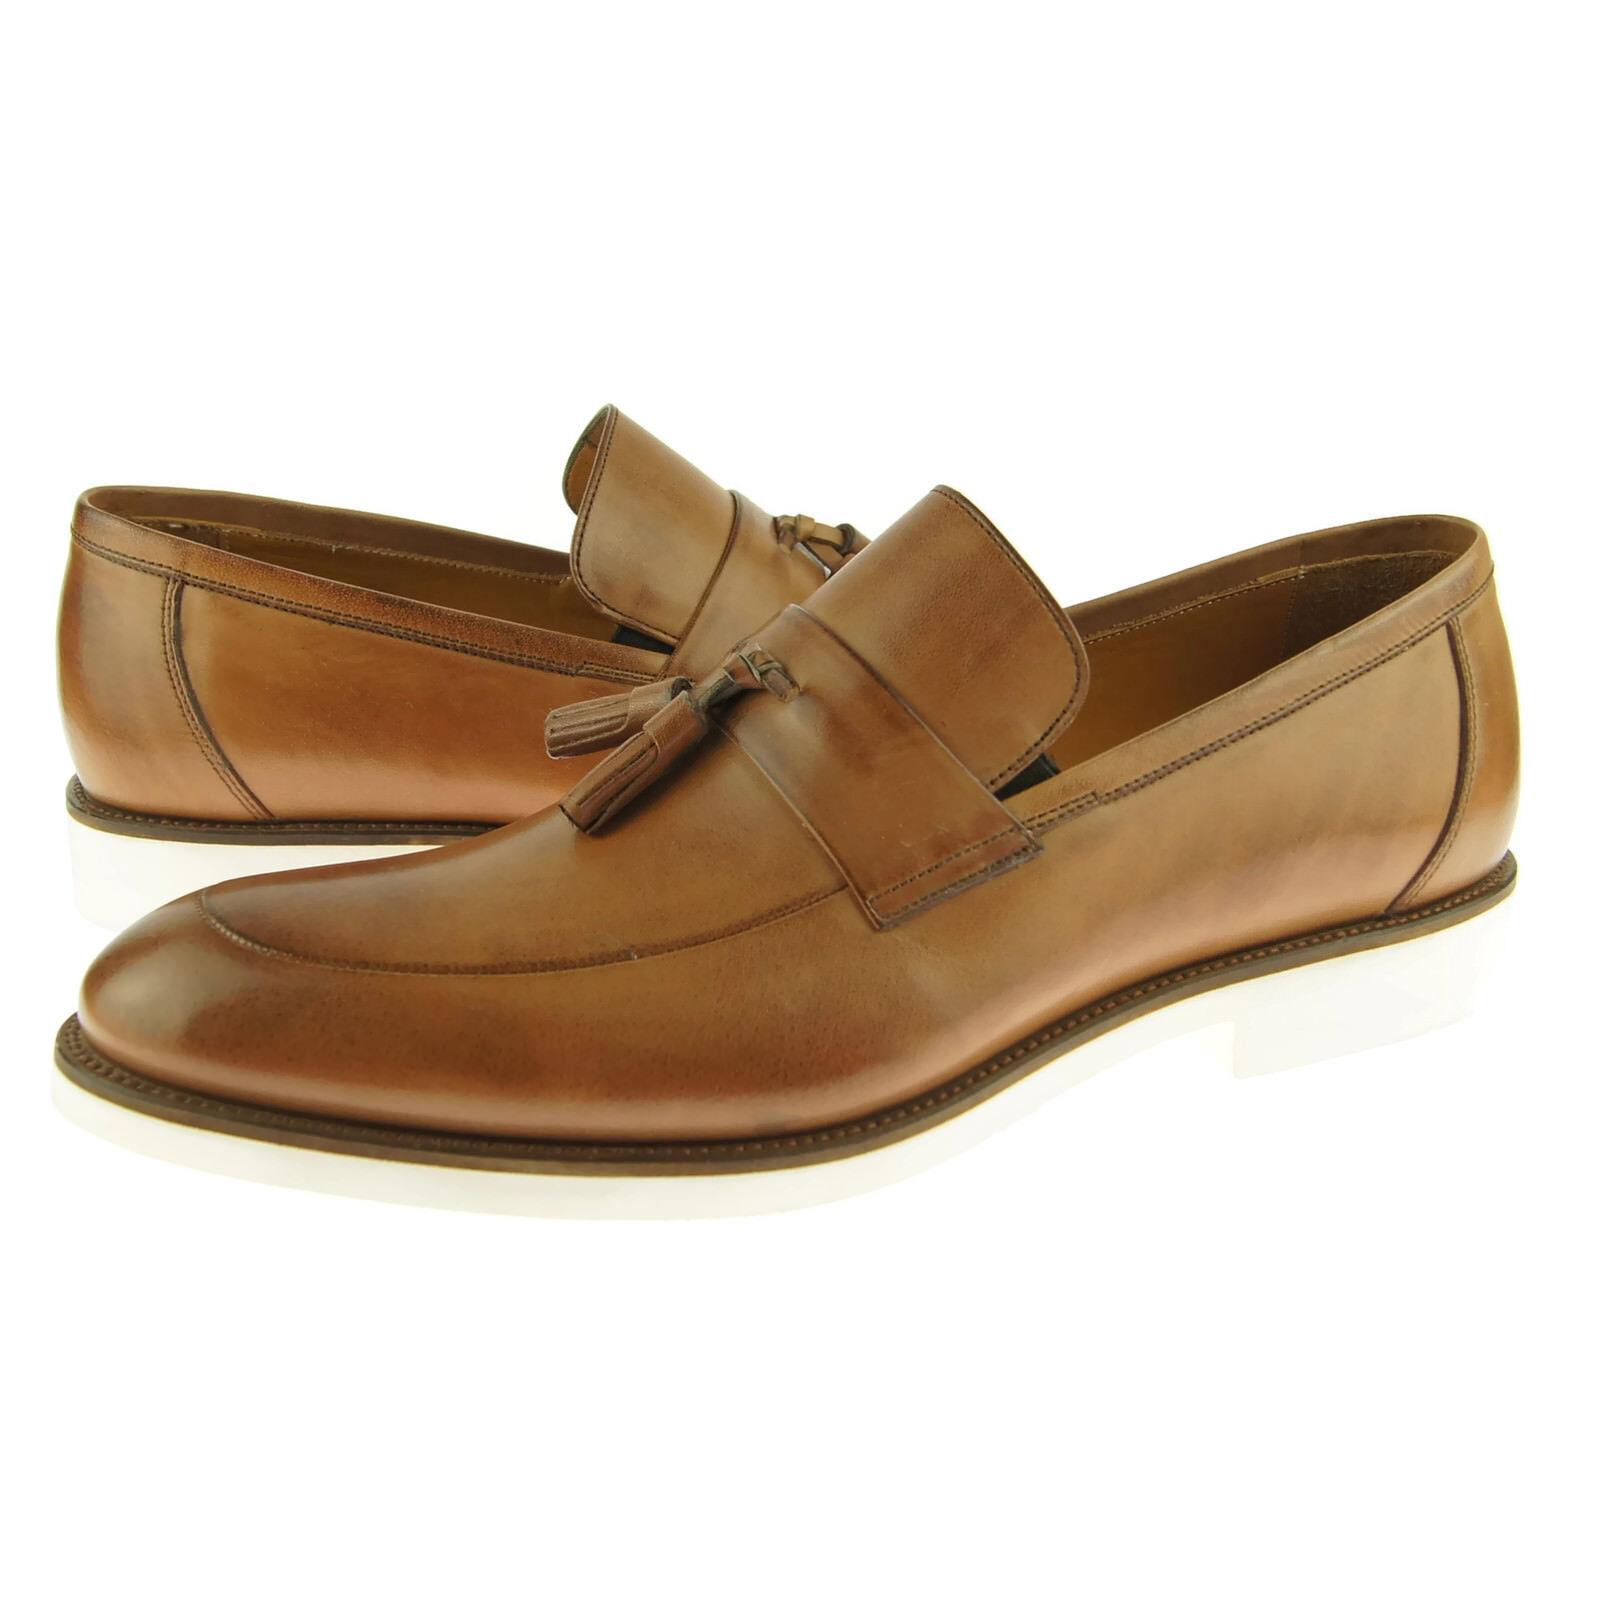 Alex D  Scottsdale  Tassel Loafer, Men's Dress Casual Leather shoes, Cognac